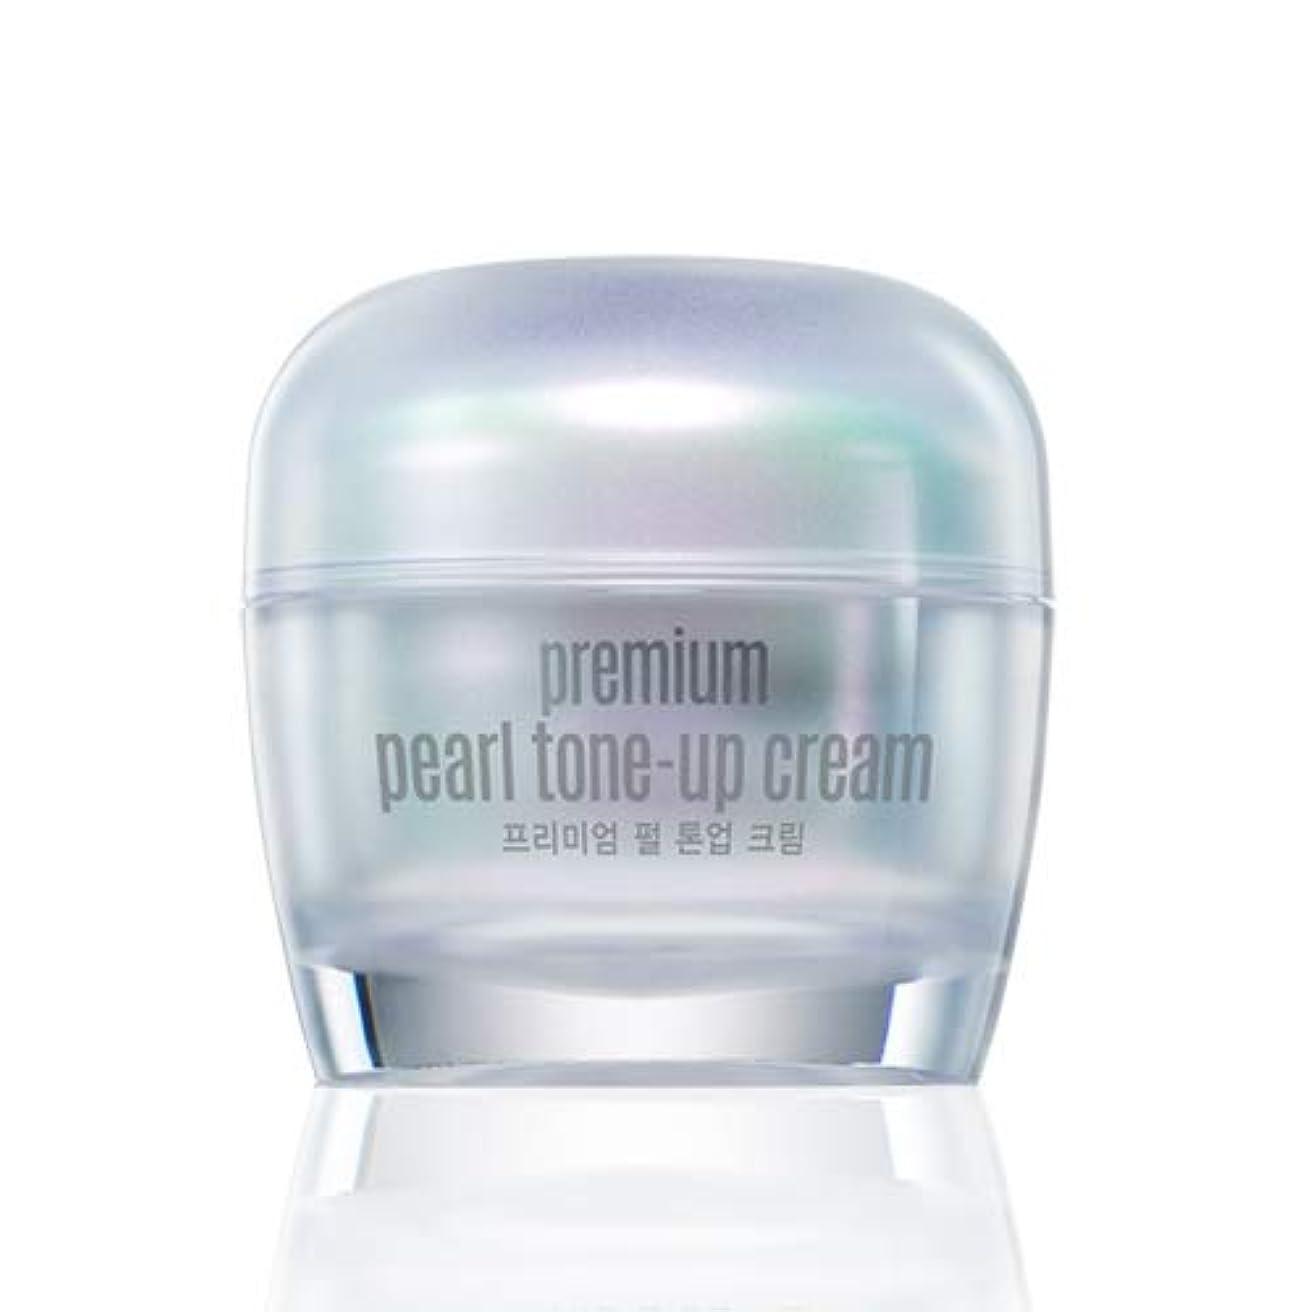 パステルハッピー表向きグーダル プレミアム パール トーンアップ クリーム50ml Goodal Premium Pearl Tone-up Cream [並行輸入品]